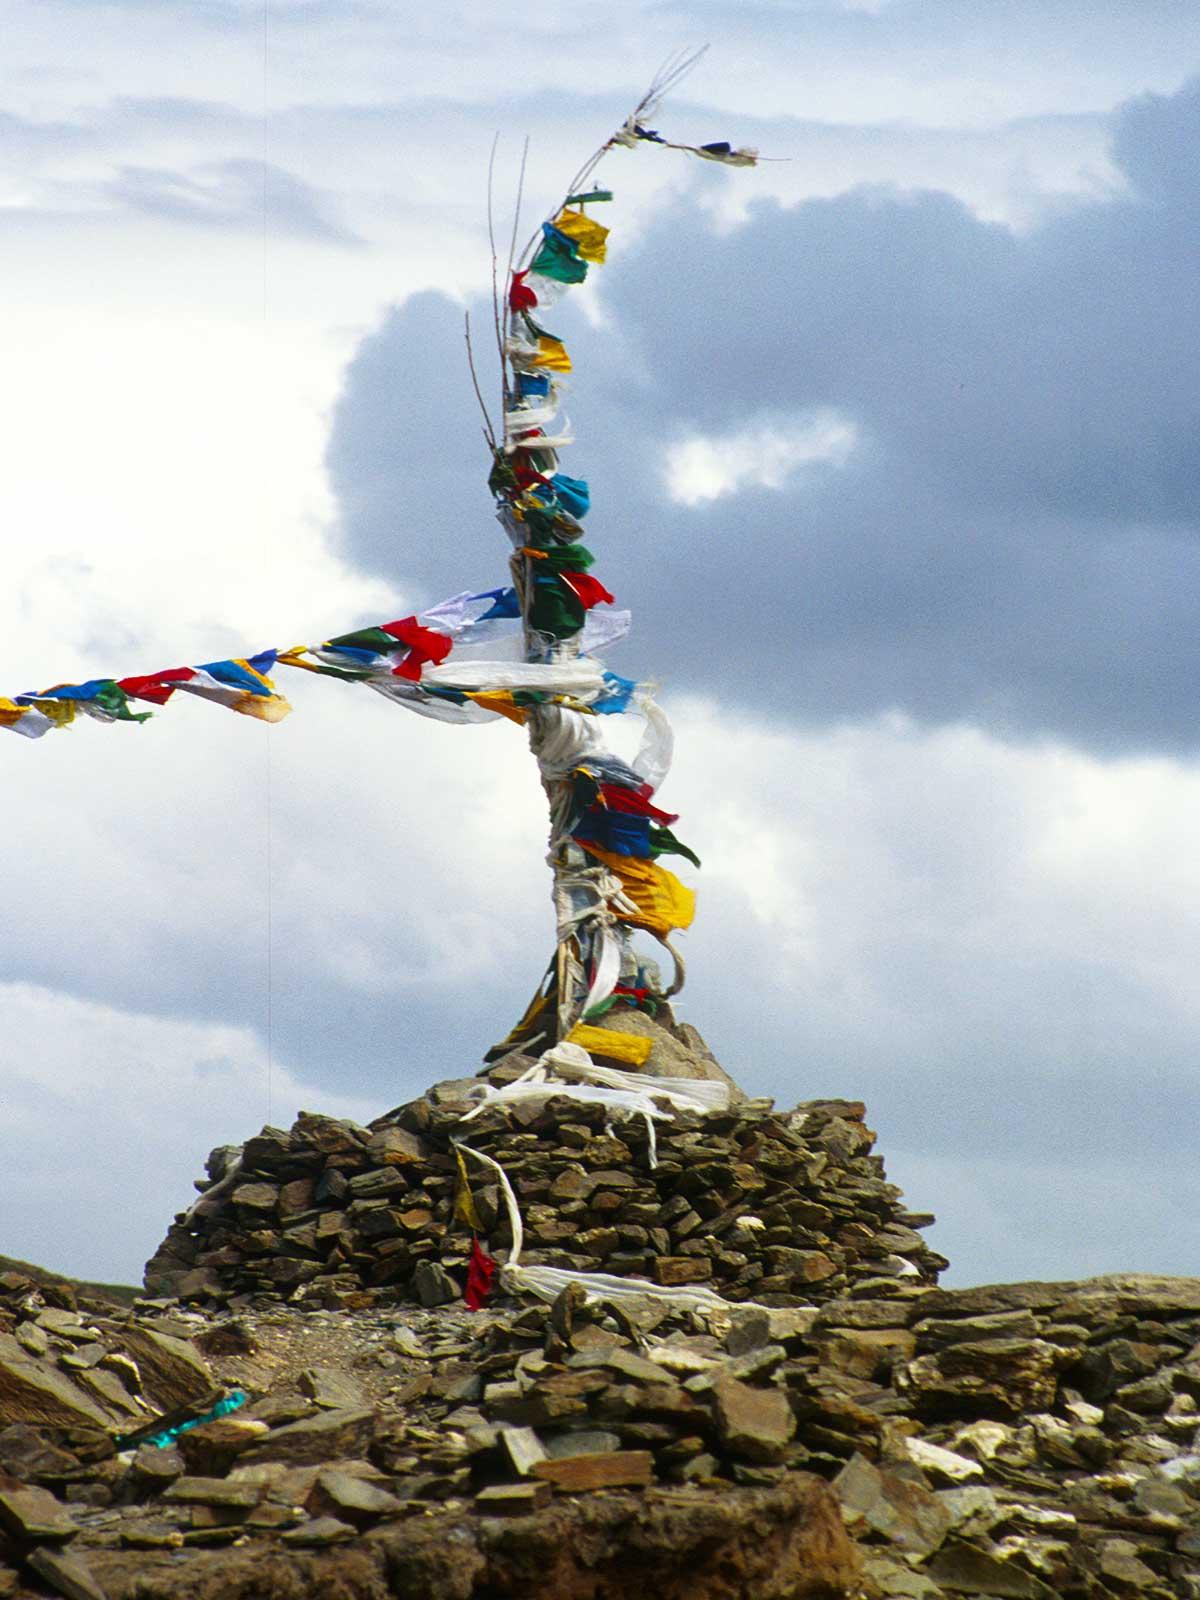 Prayer flags on a mountain pass | Mount Everest Tibet Photo Journal | Steven Martin | Study Abroad Journal